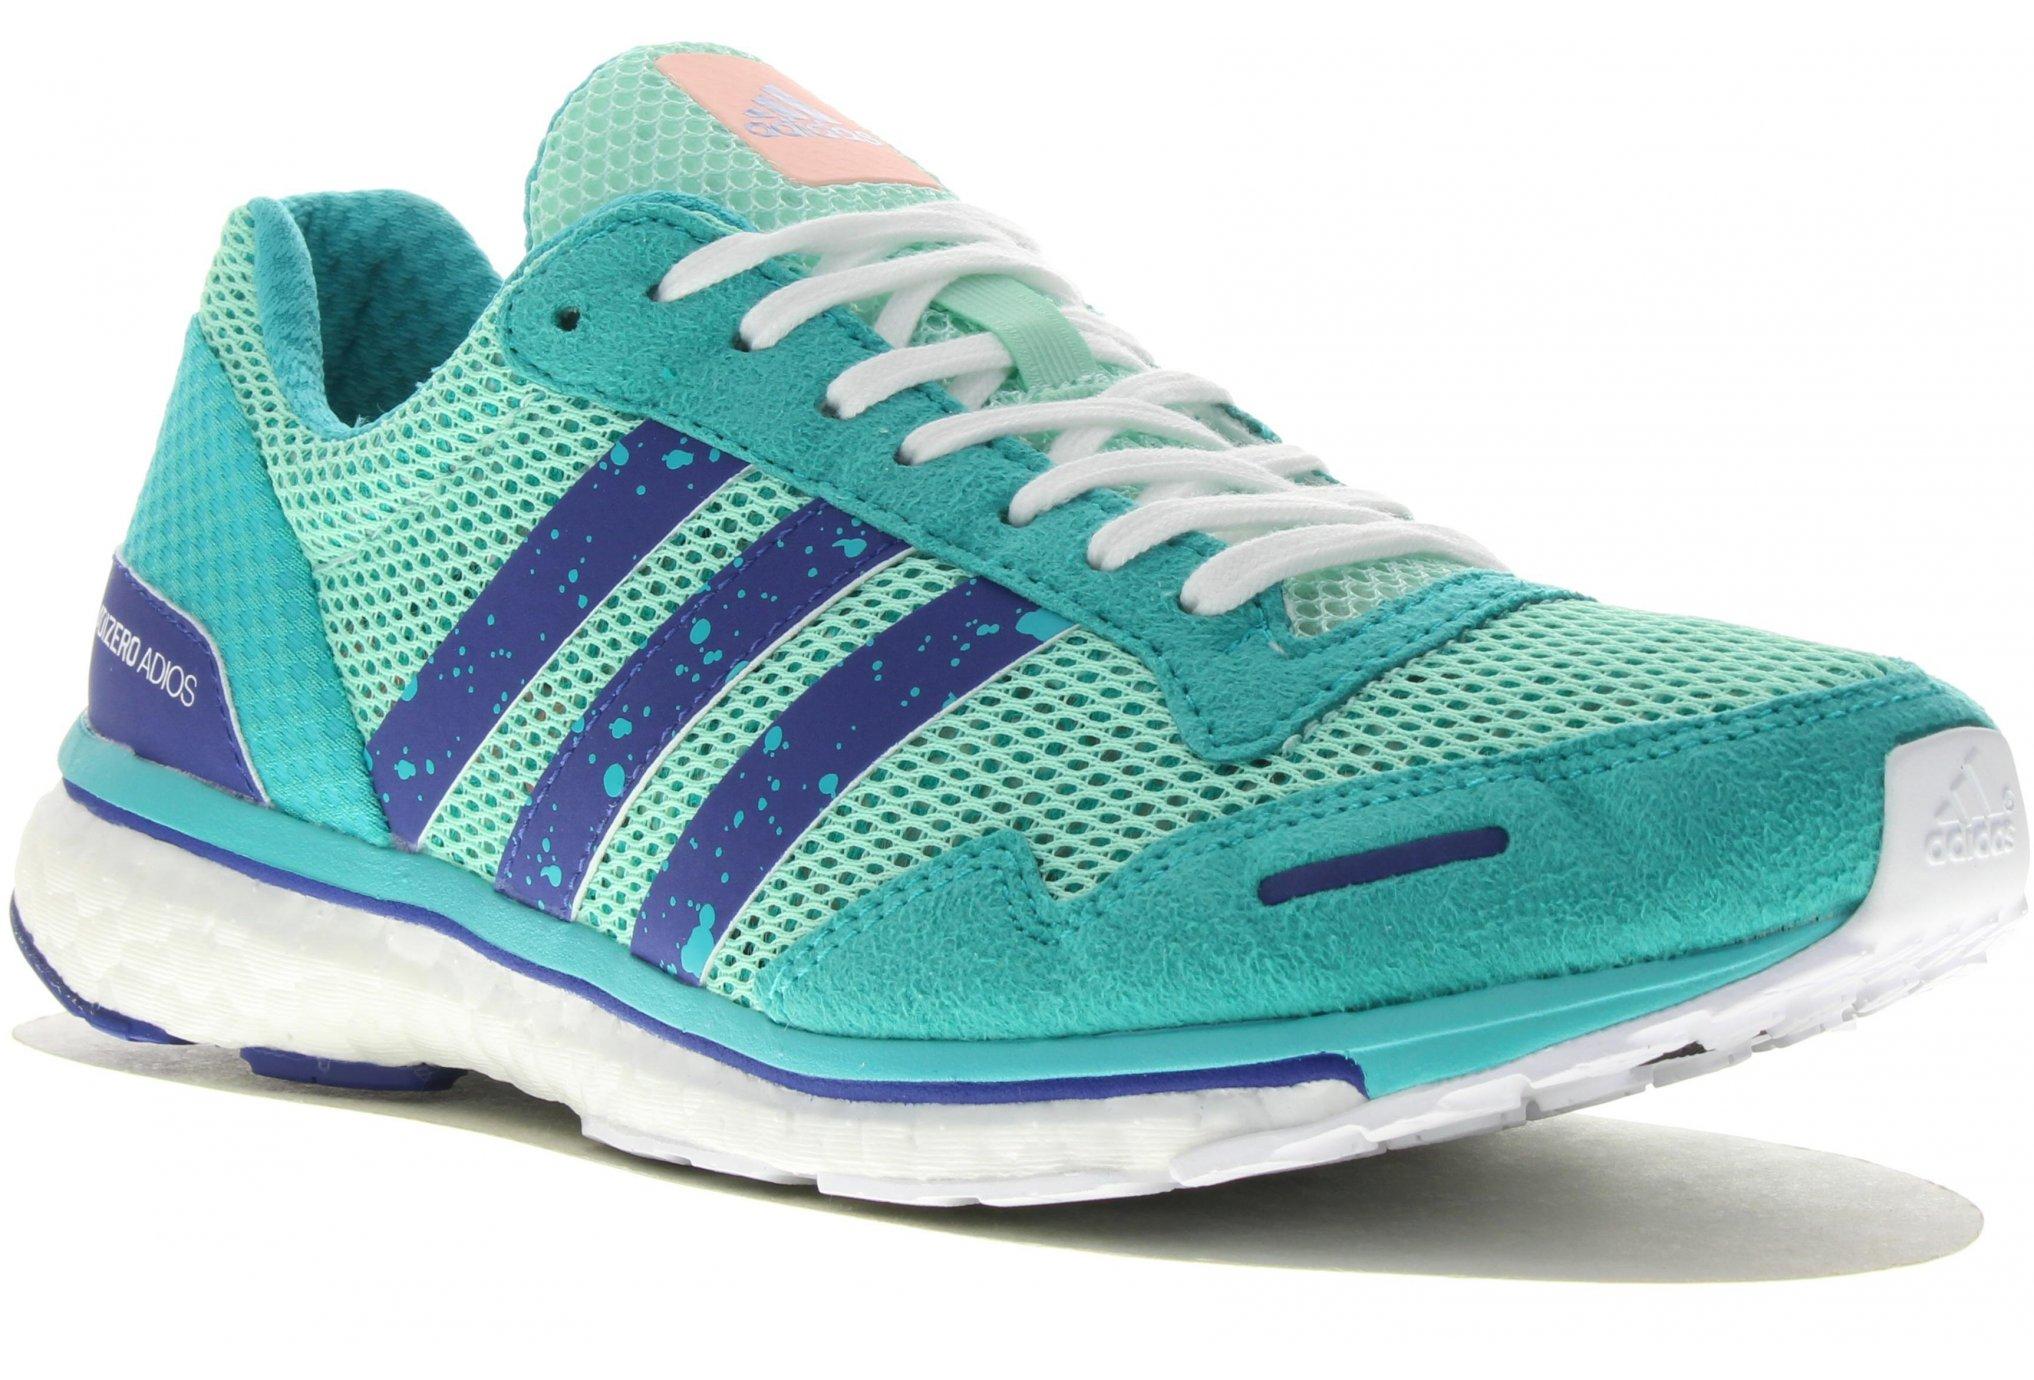 Adidas Adizero adios boost 3 w chaussures running femme